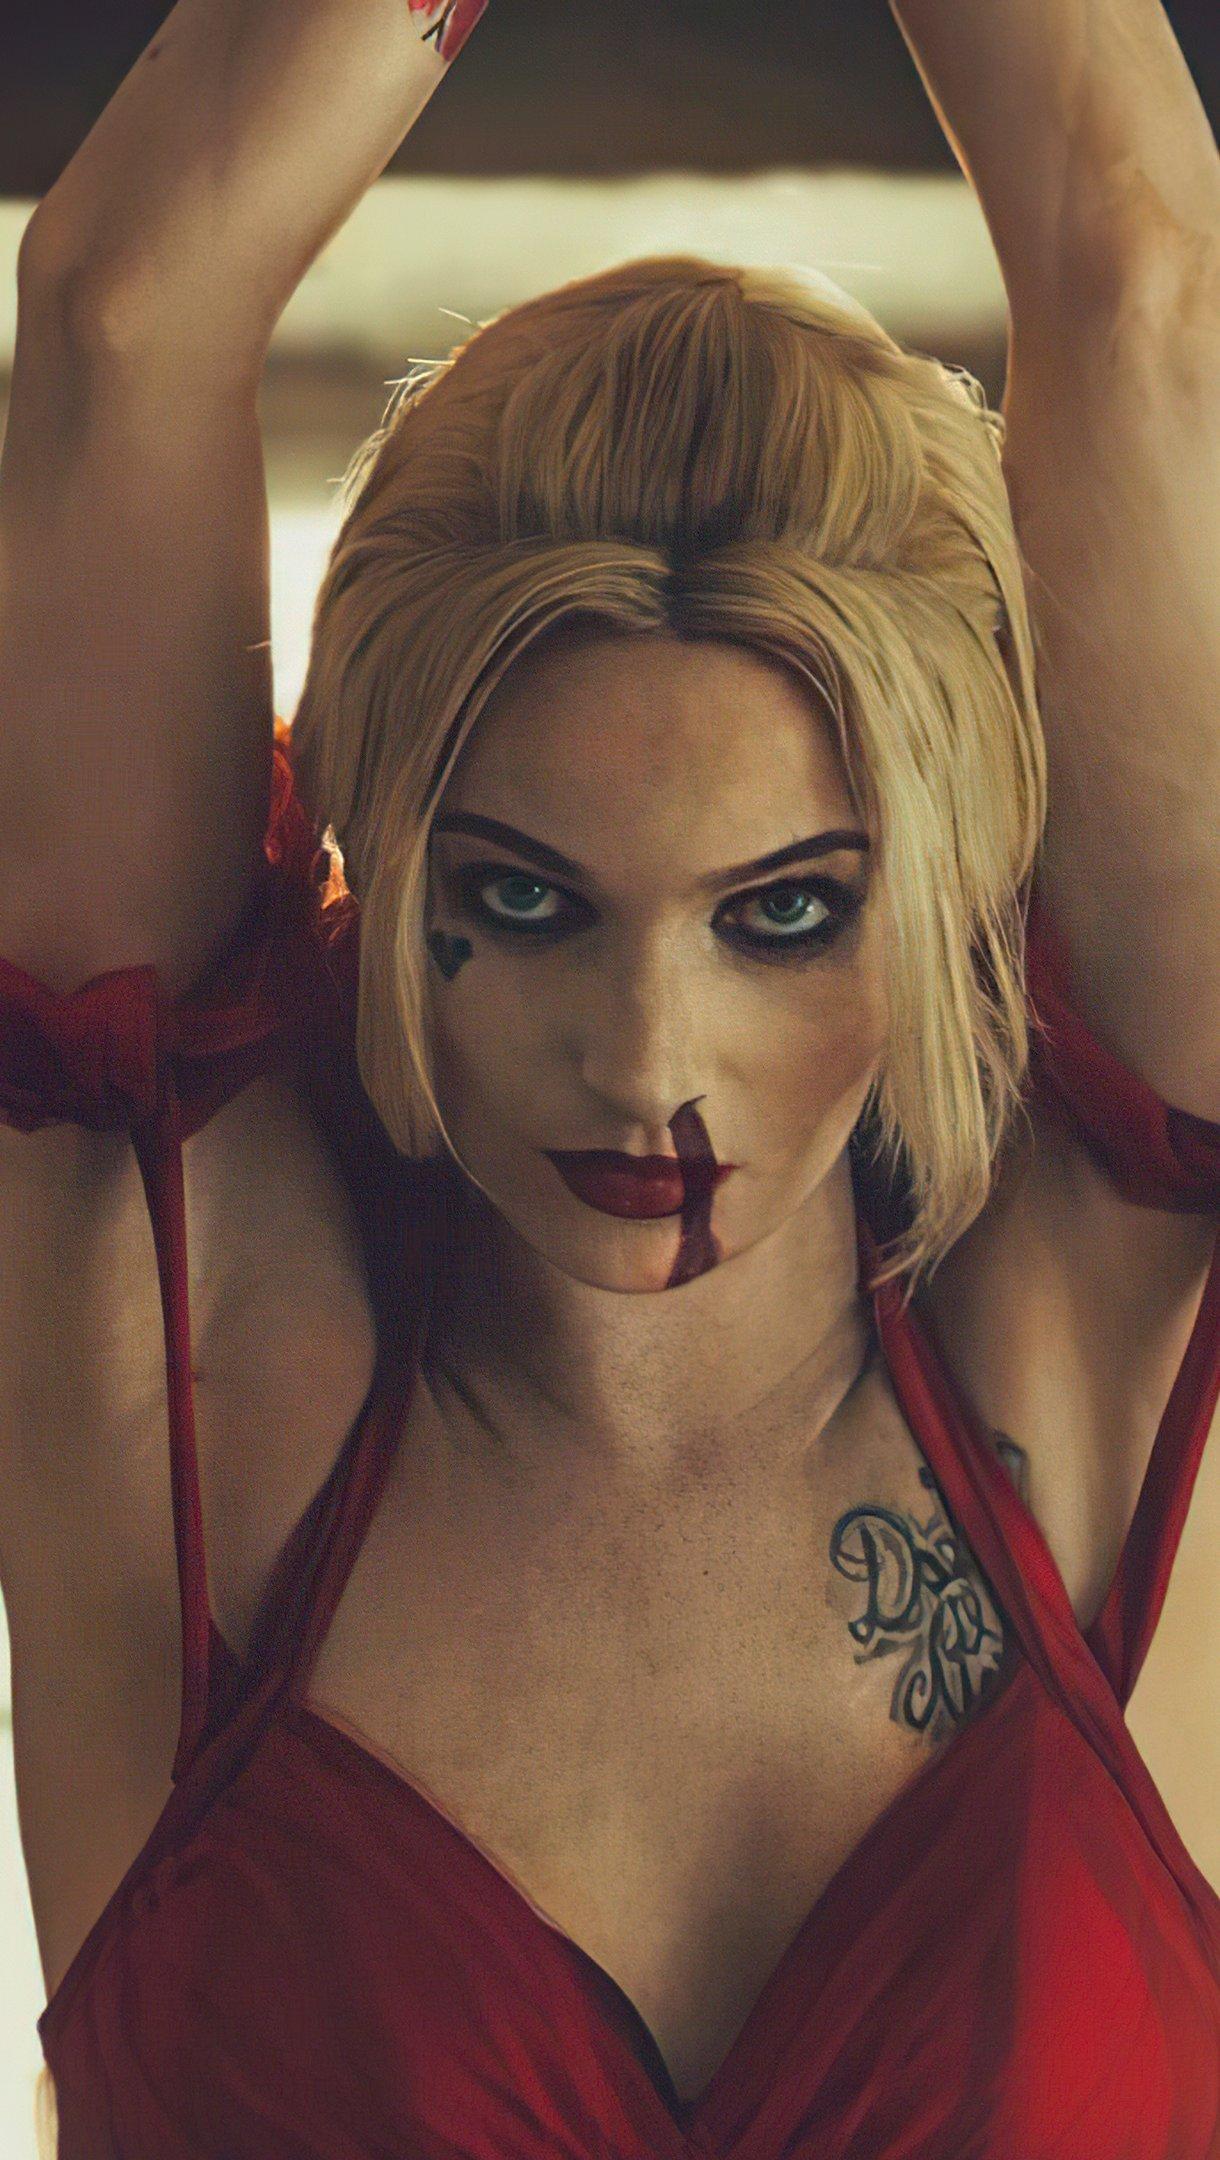 Fondos de pantalla Harley Quinn El escuadrón suicida Cosplay Vertical